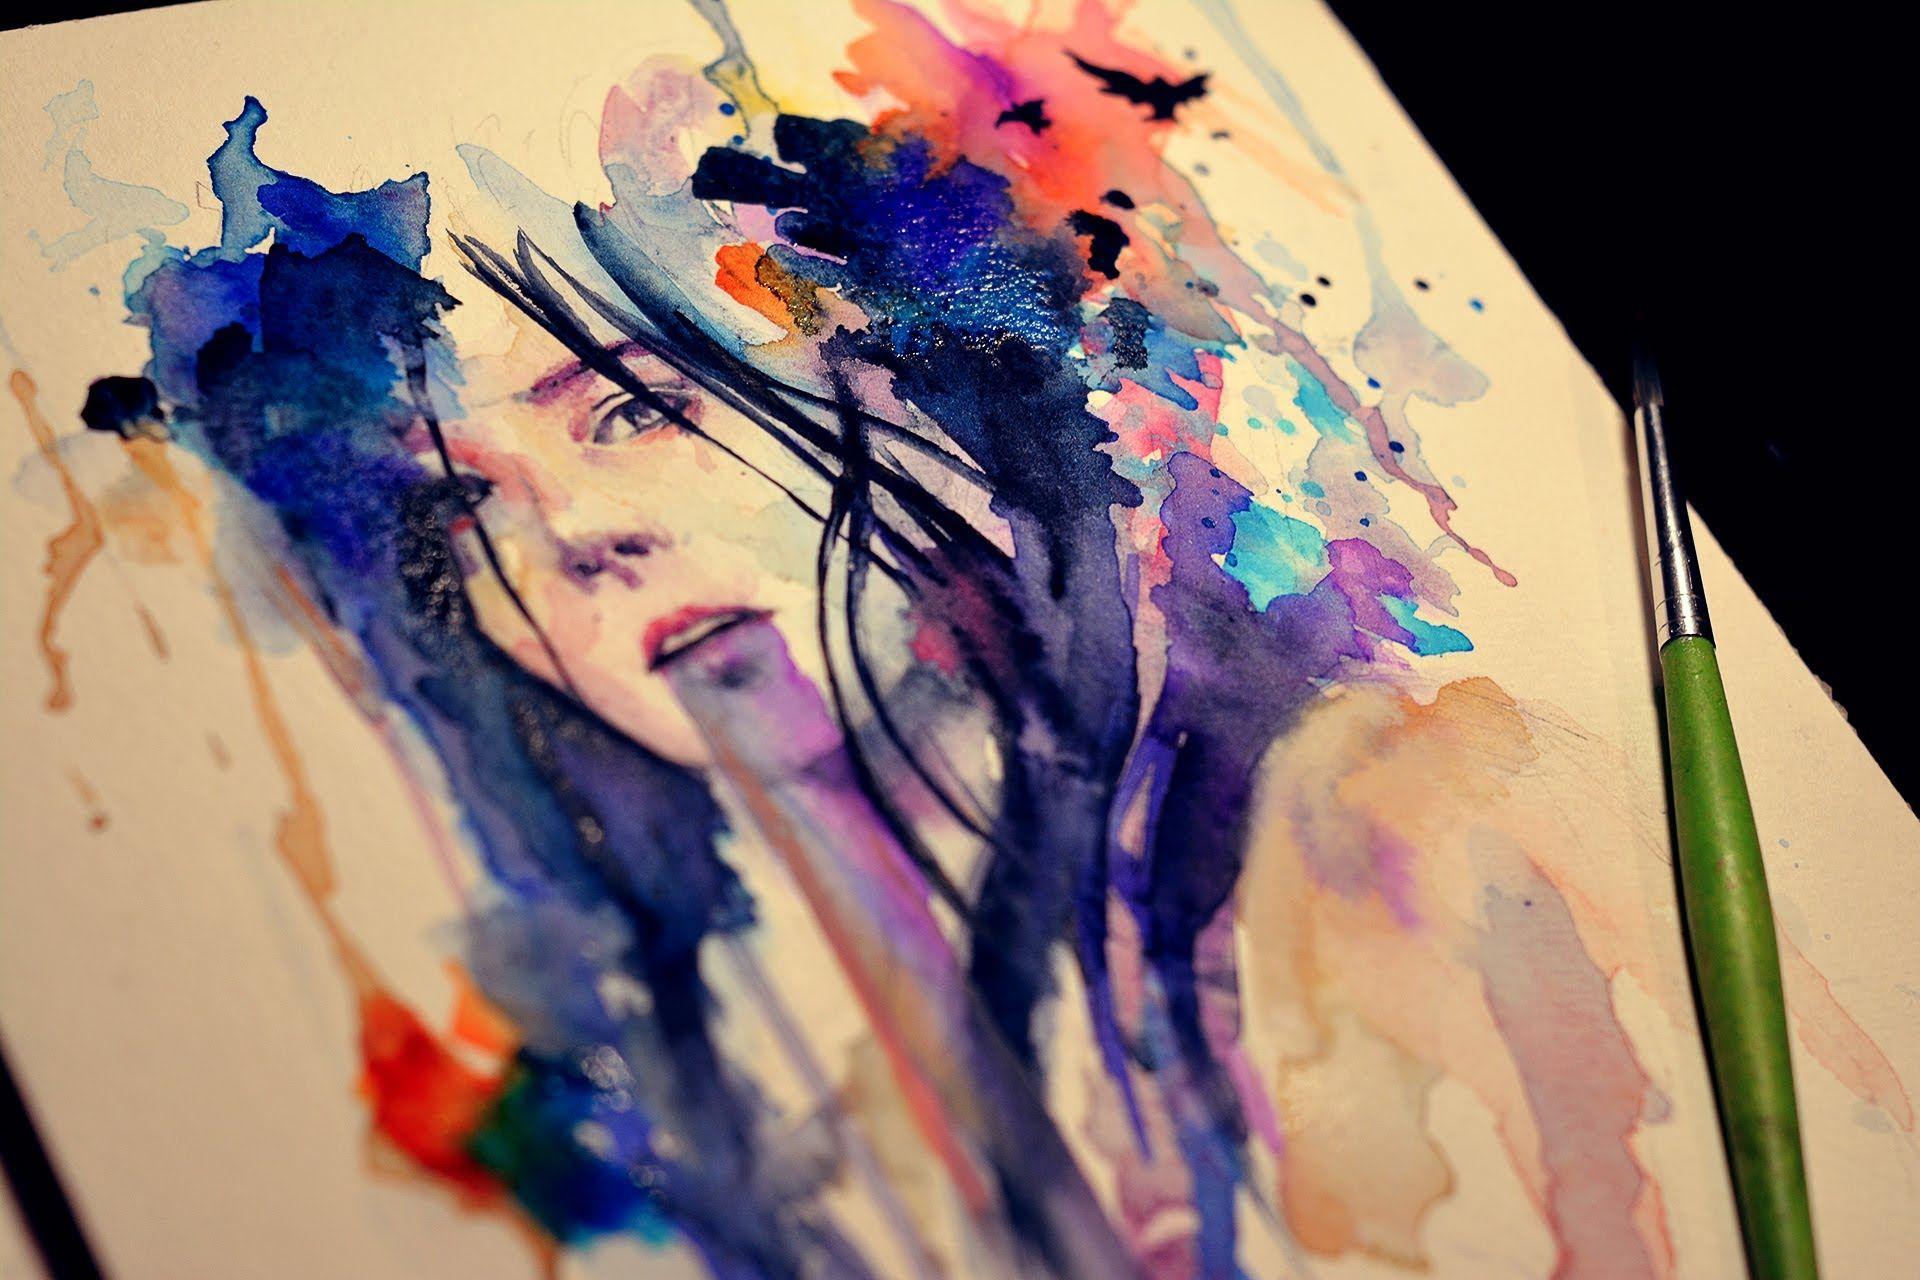 Dessin Et Peinture Video 1576 Portrait A L Aquarelle Et Encre